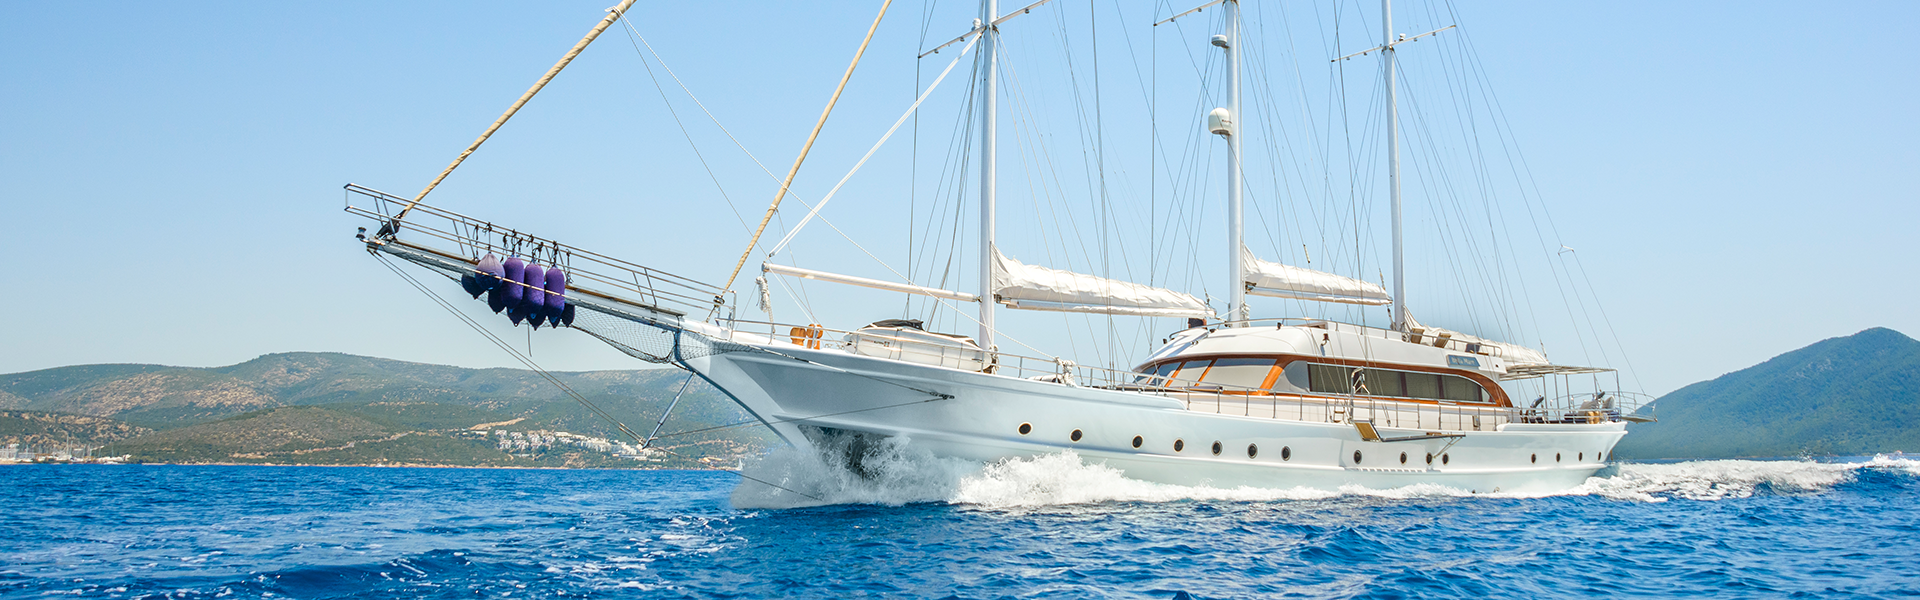 להשכרה ביוון סירות גולט